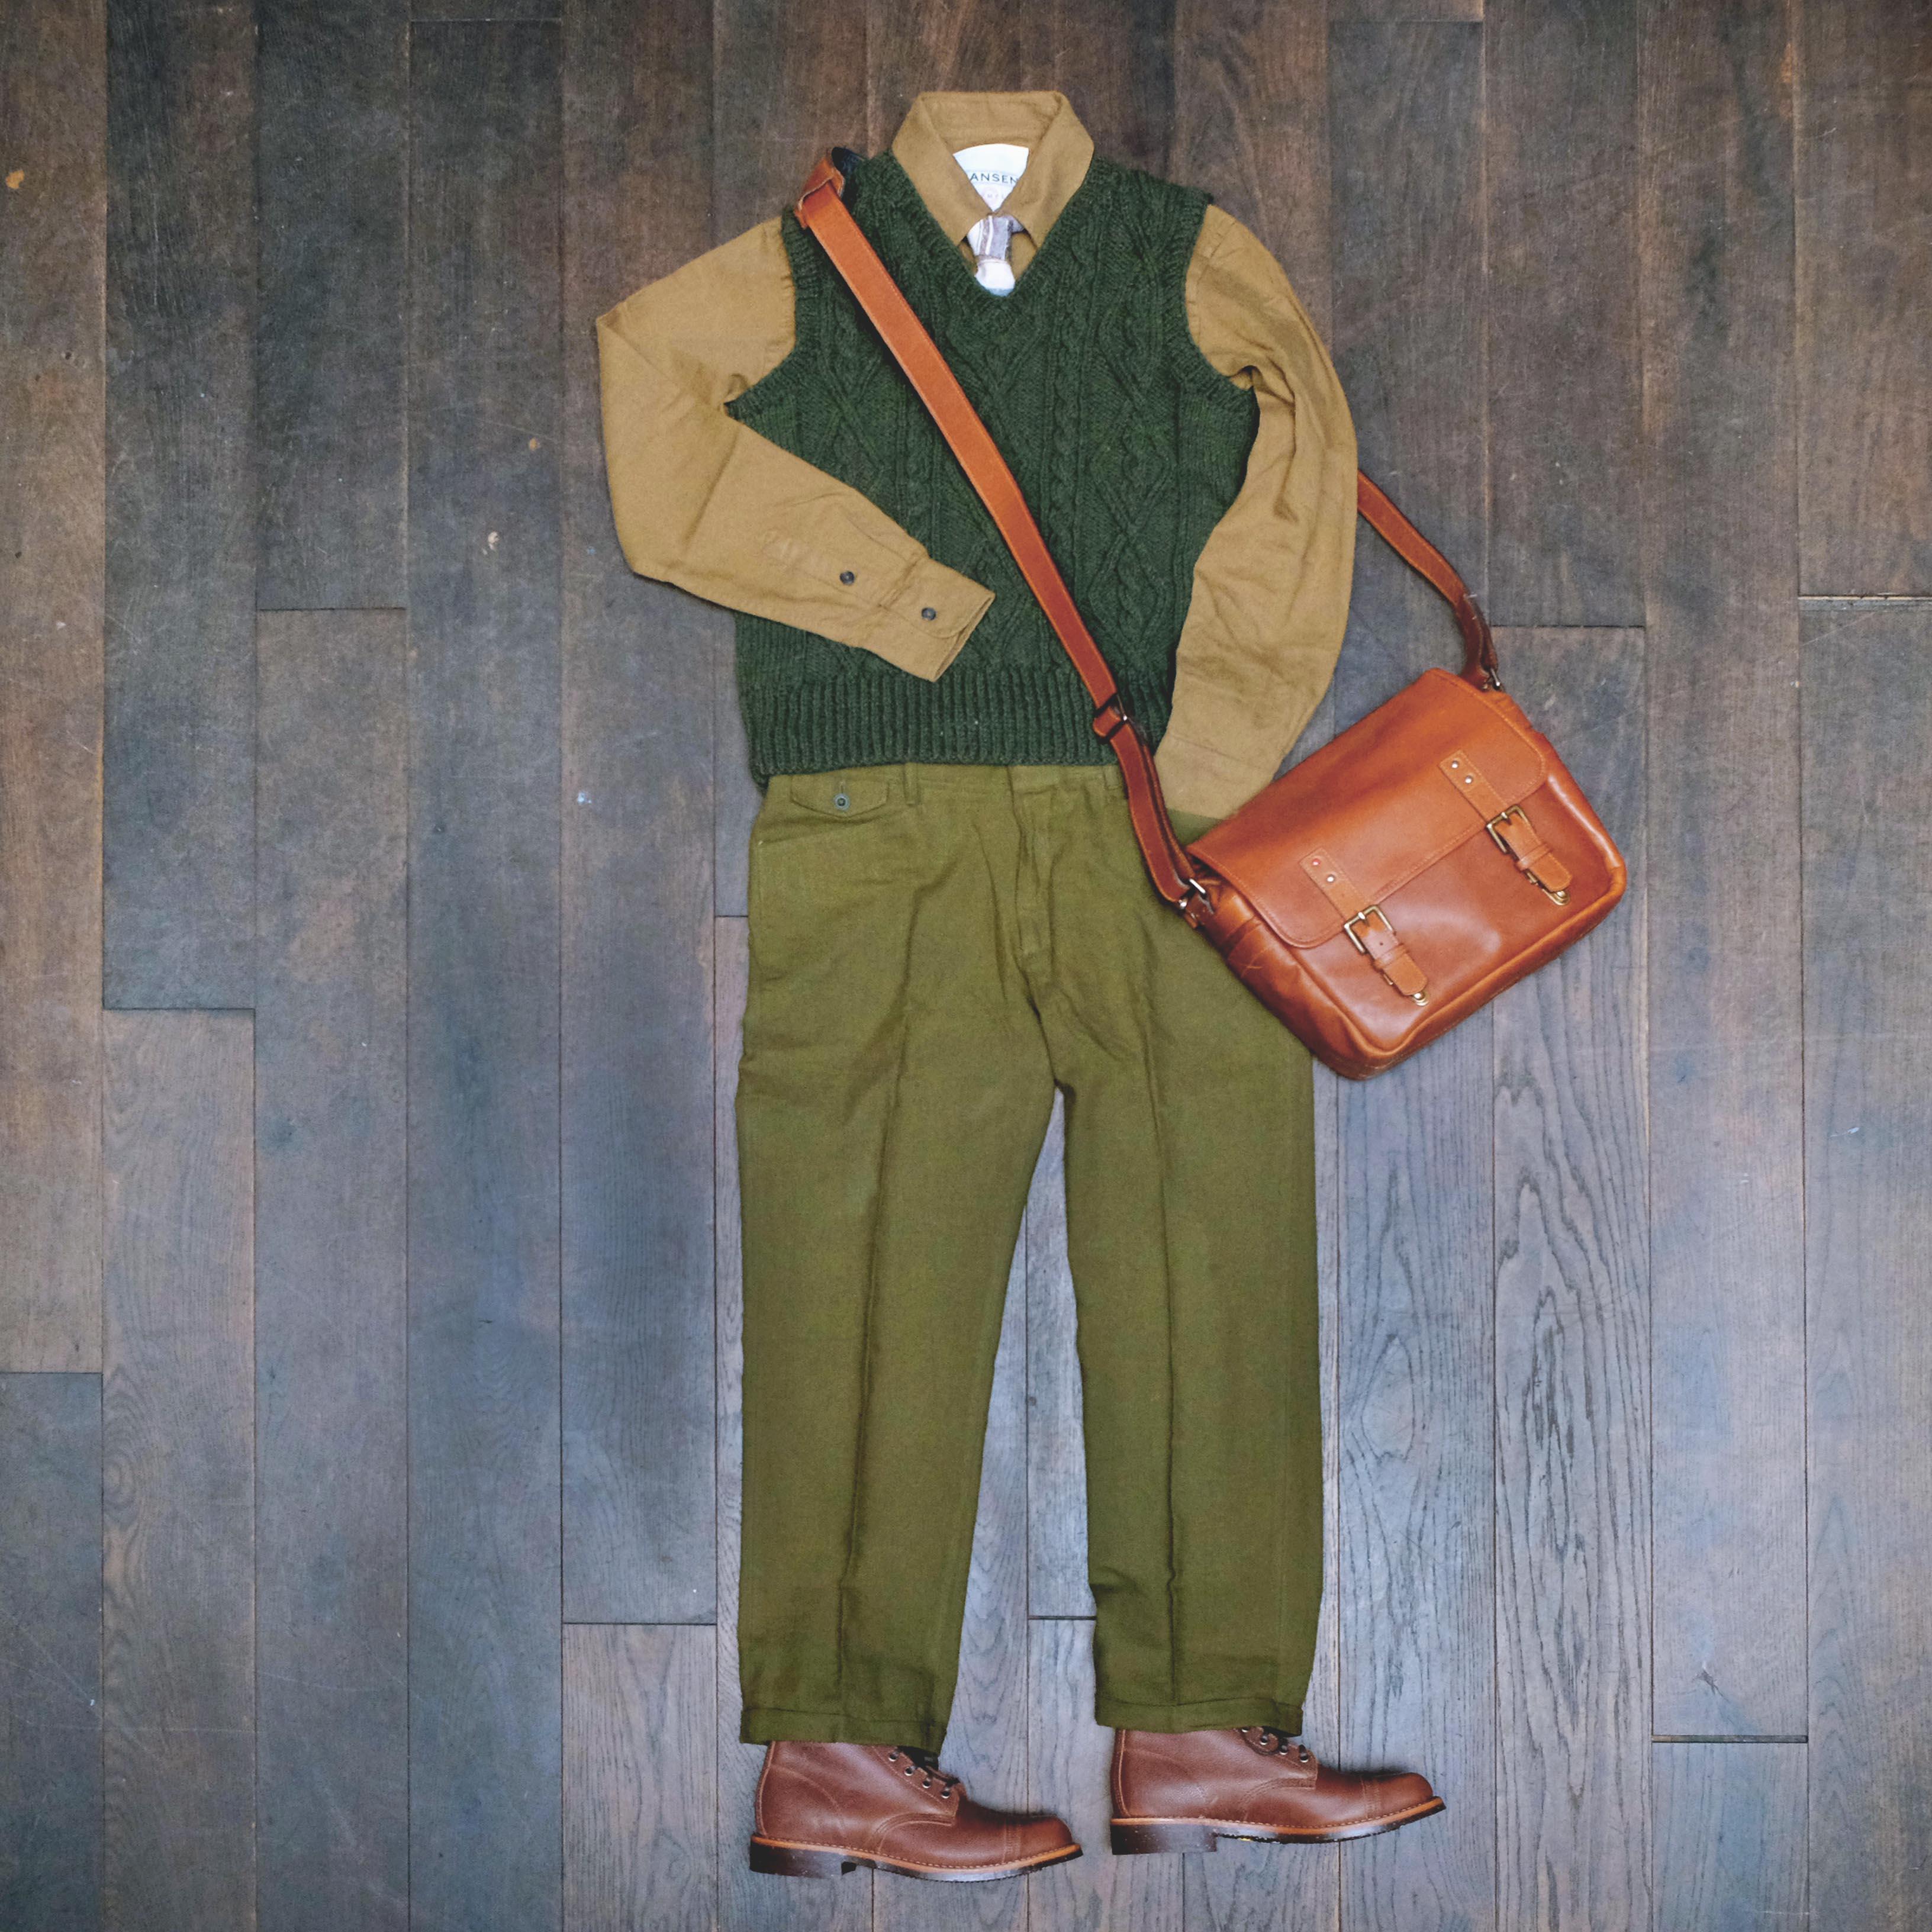 outfit-wochenende-interbrigade-strick-pollunder-hansen-hemd-shuttlenotes-chippewa